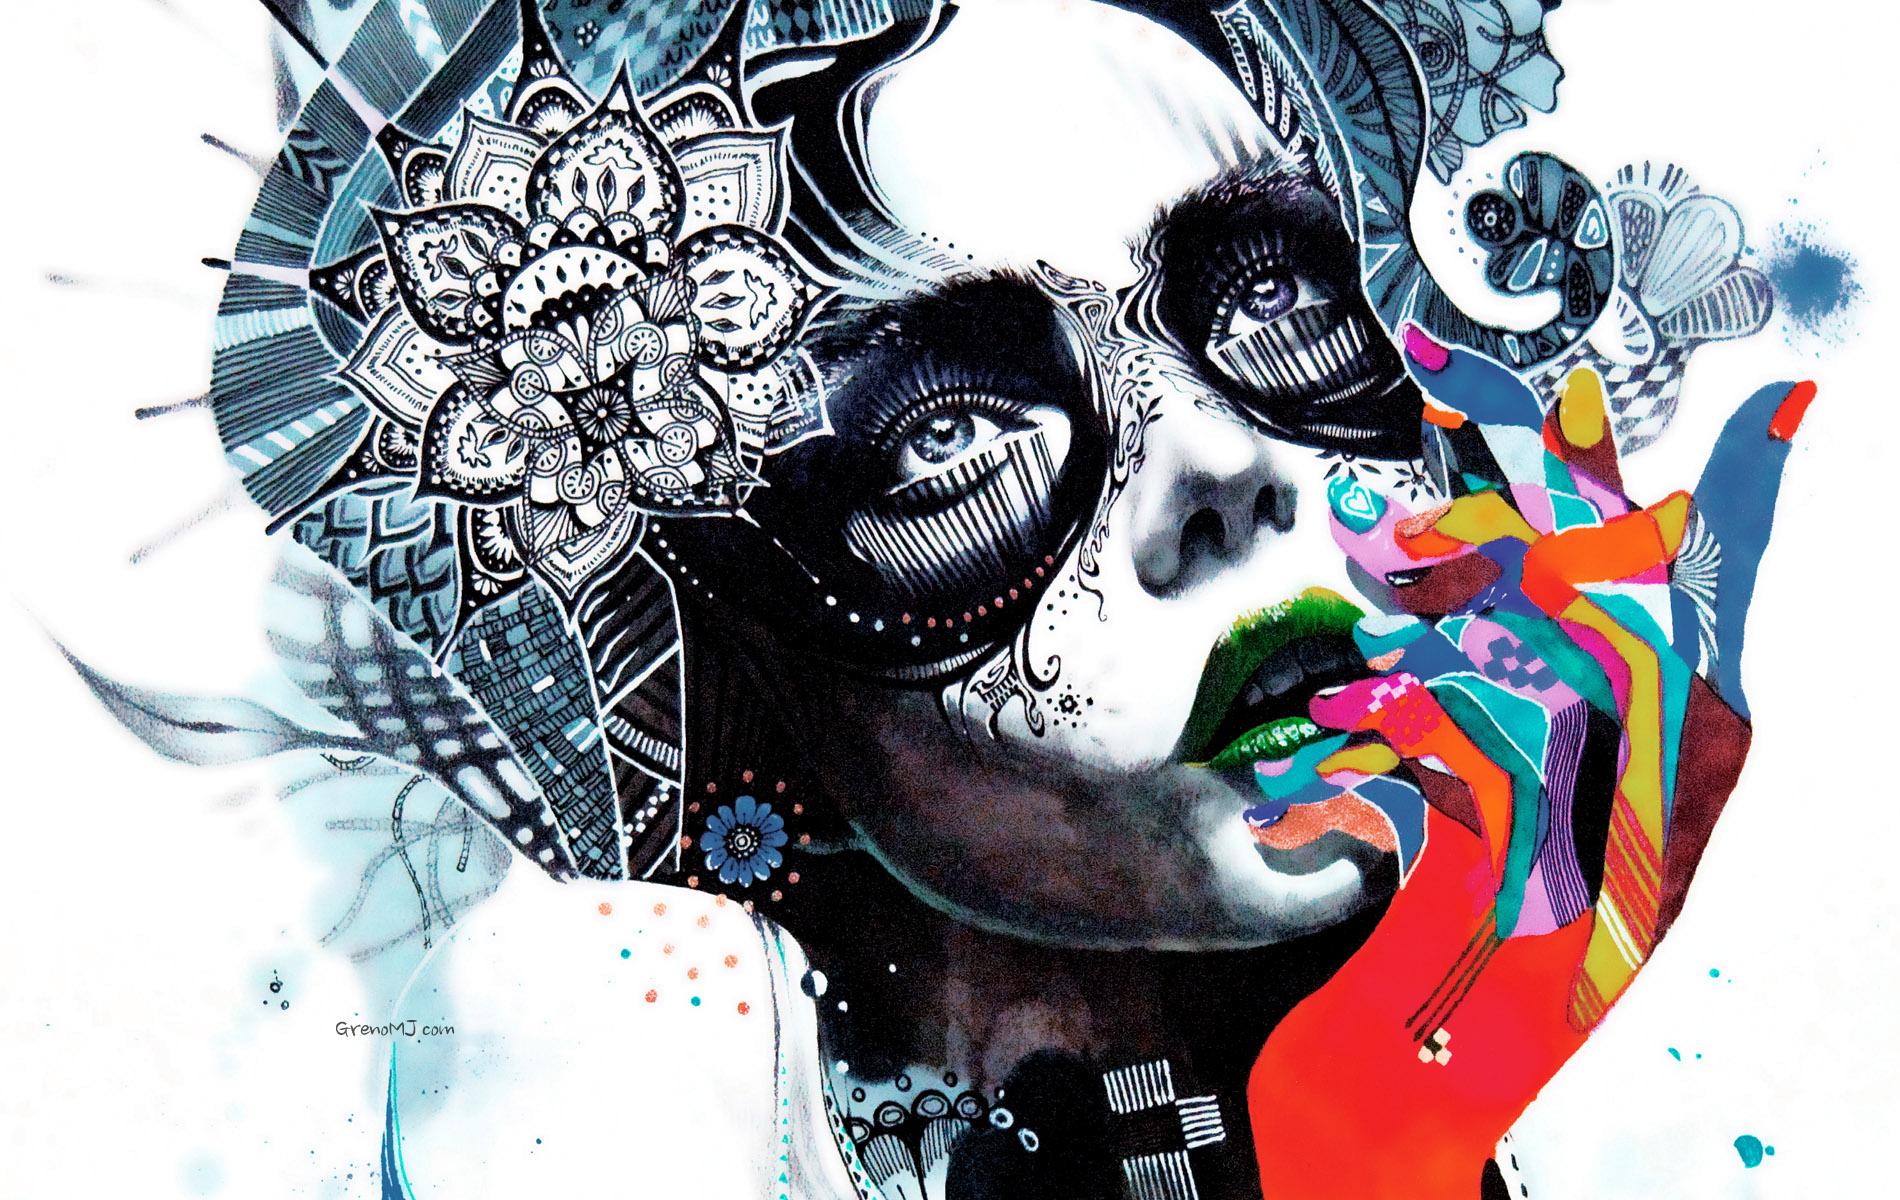 Twisted dreams scene 3 monique covet sophie evans 4